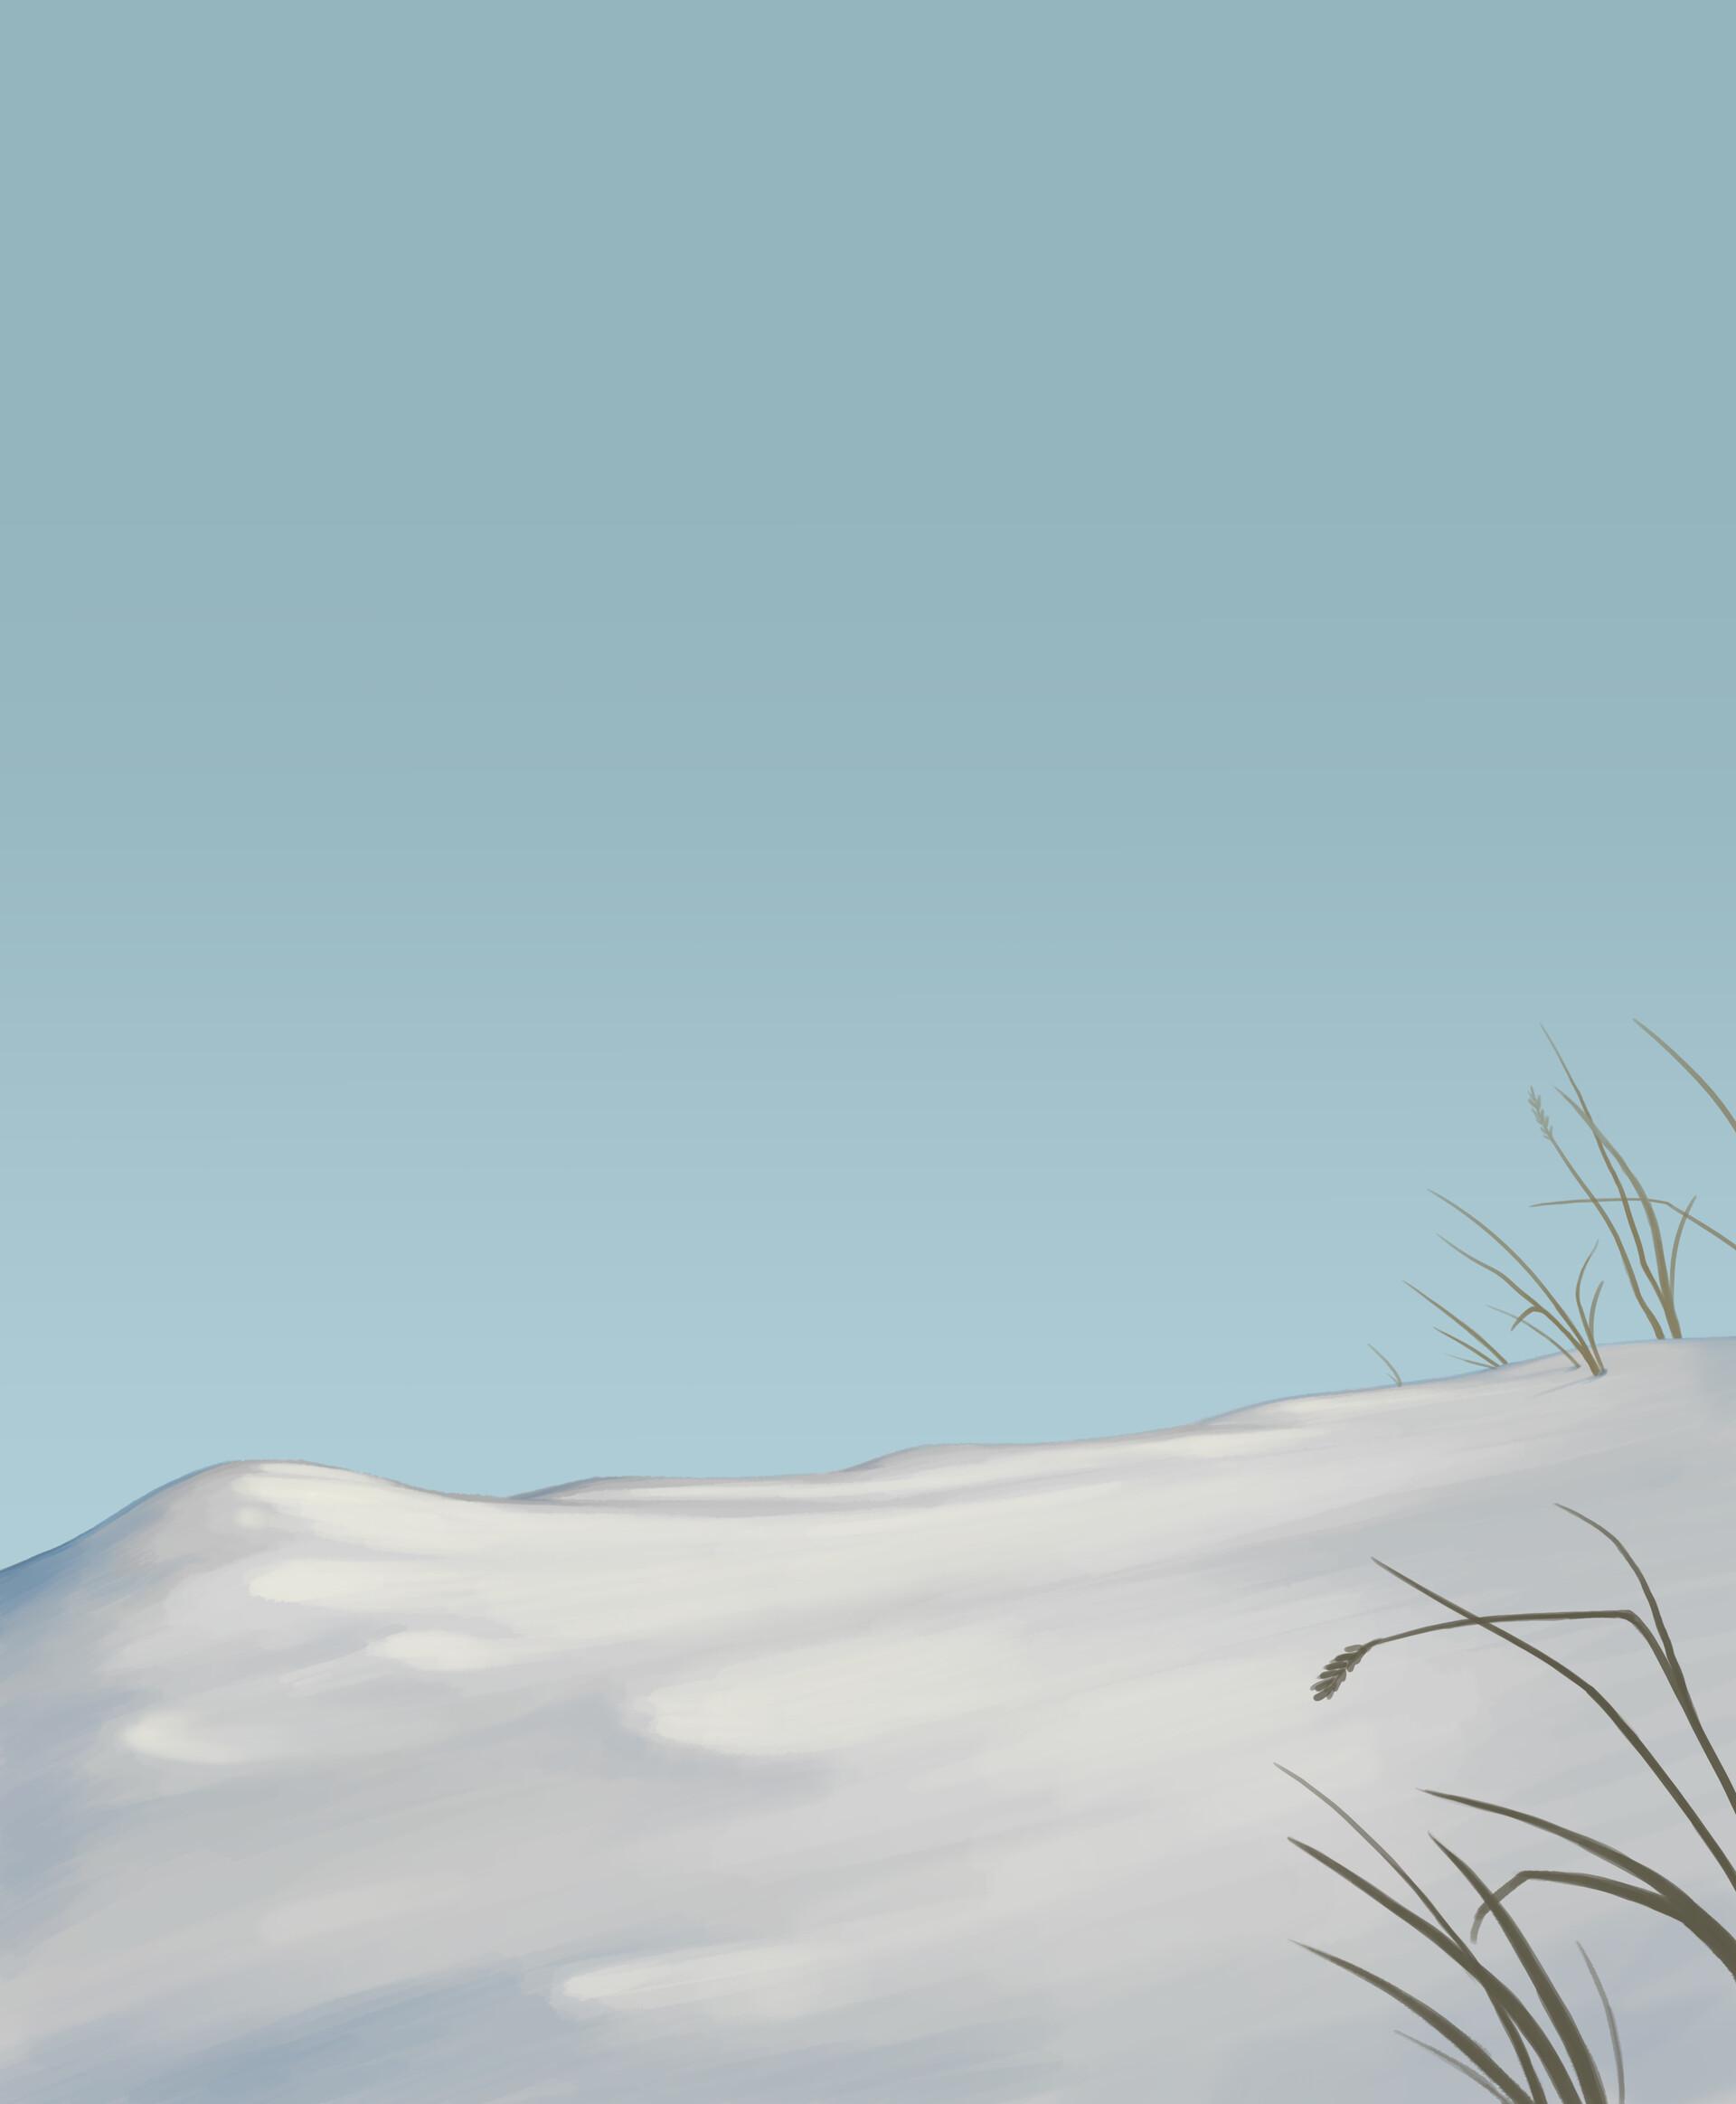 Meagen ruttan snowgriff snowbg 01